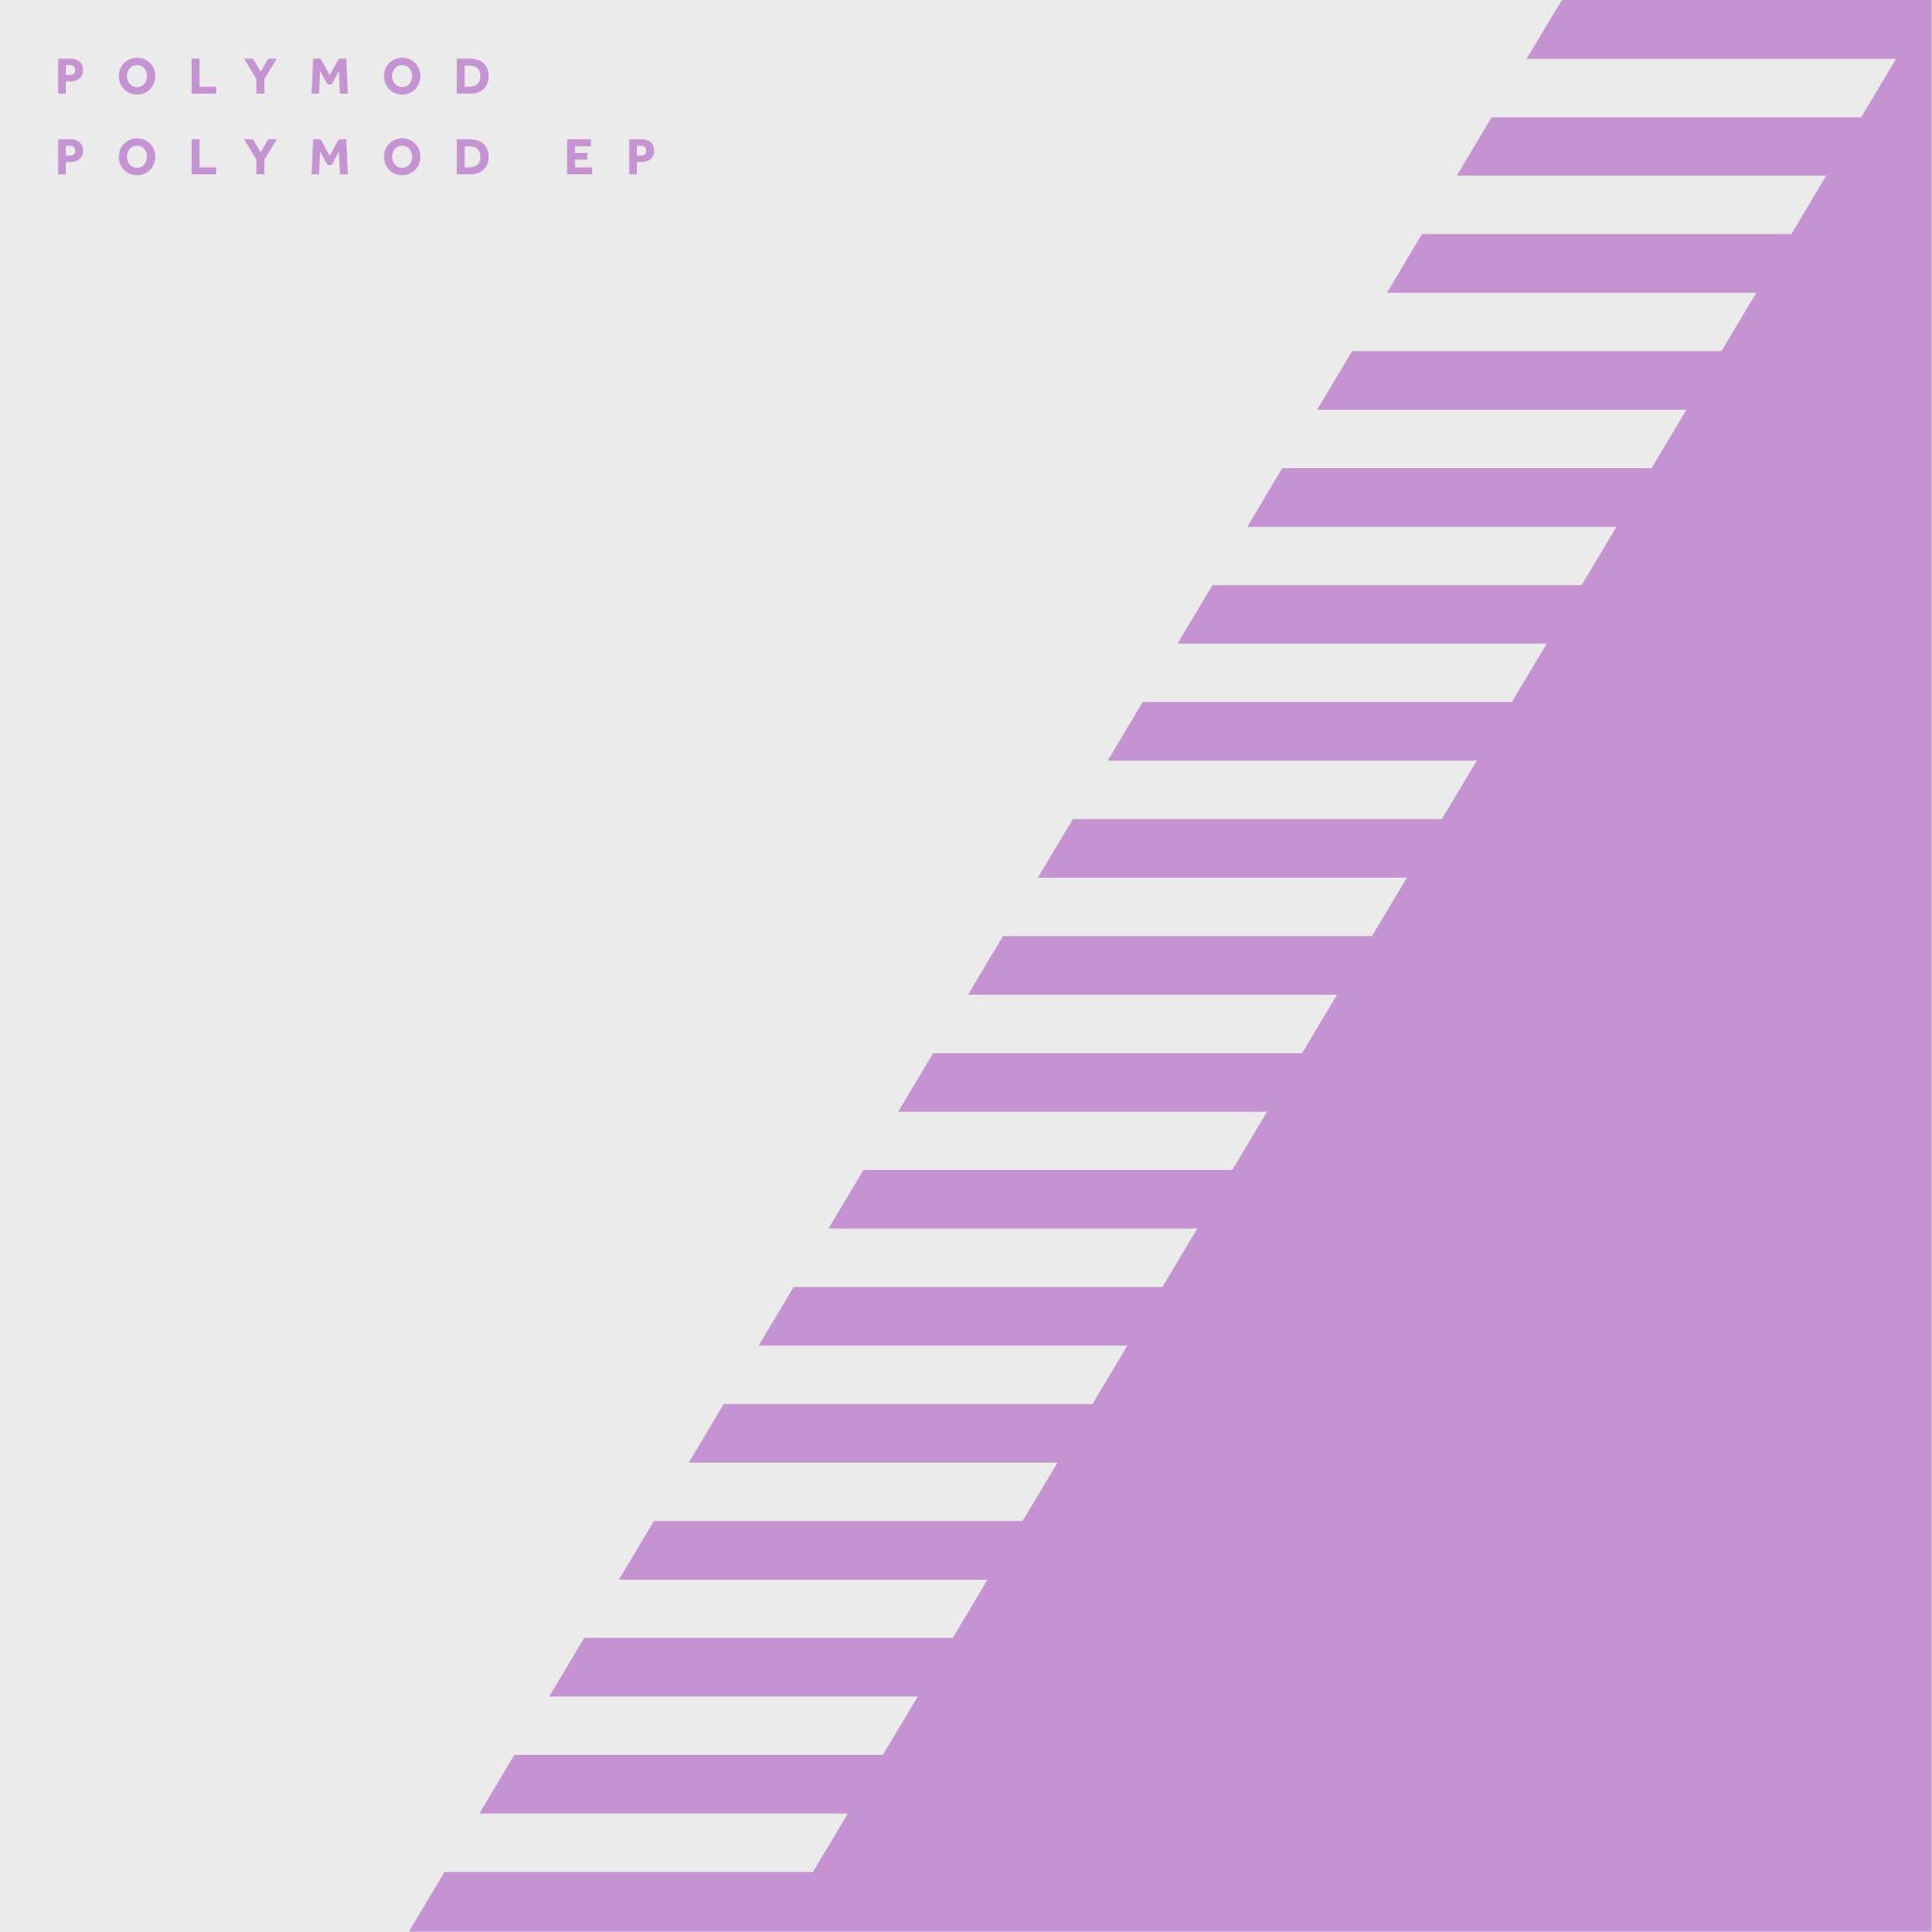 POLYMOD – POLYMOD EP